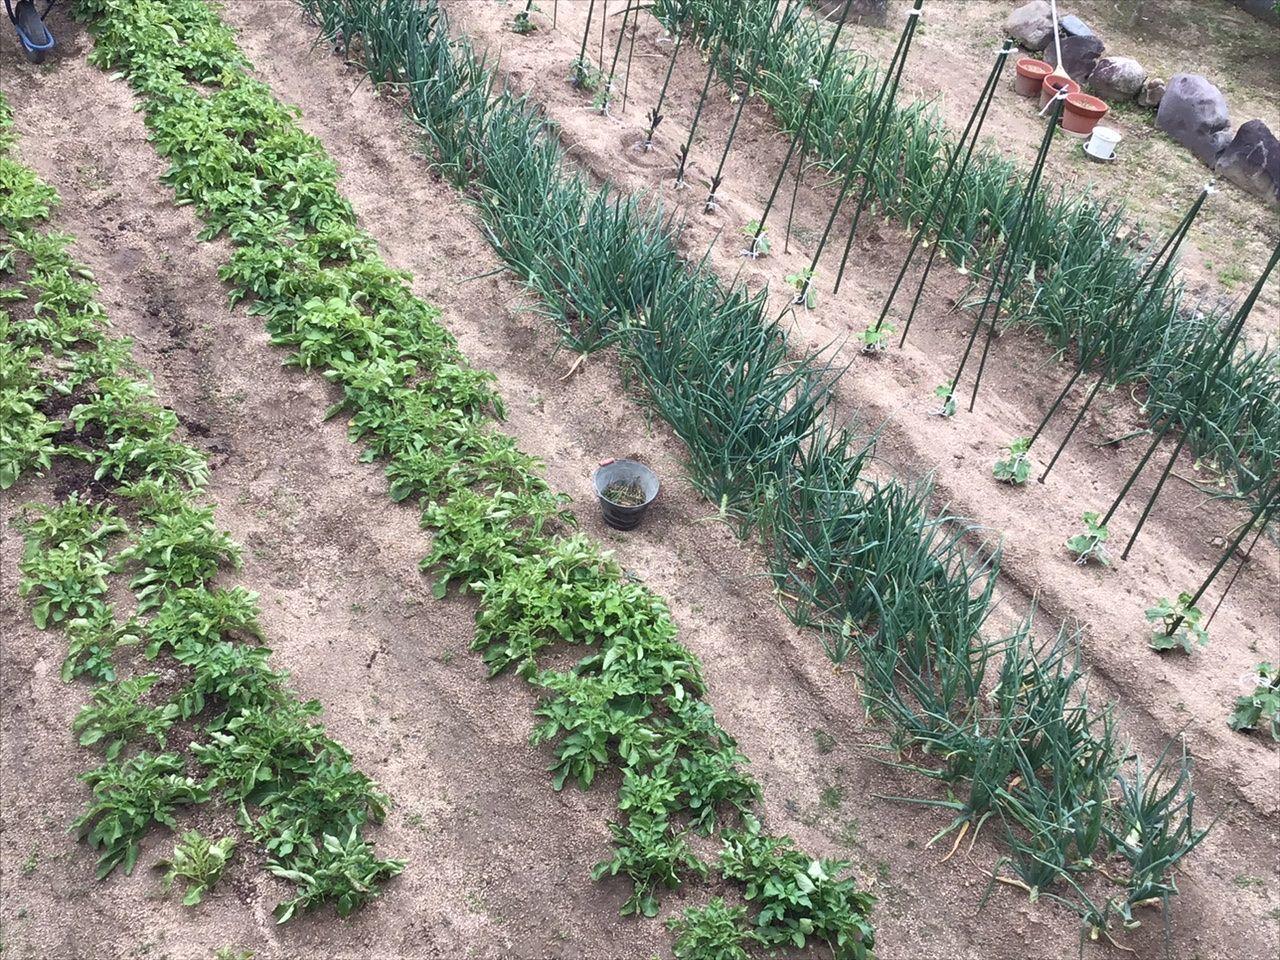 ちくわのつぶやき 家庭菜園! この間、ちくわちゃんがどんなの植えてる?って言ってたでしょ!  そのまま写メしたら隣の会